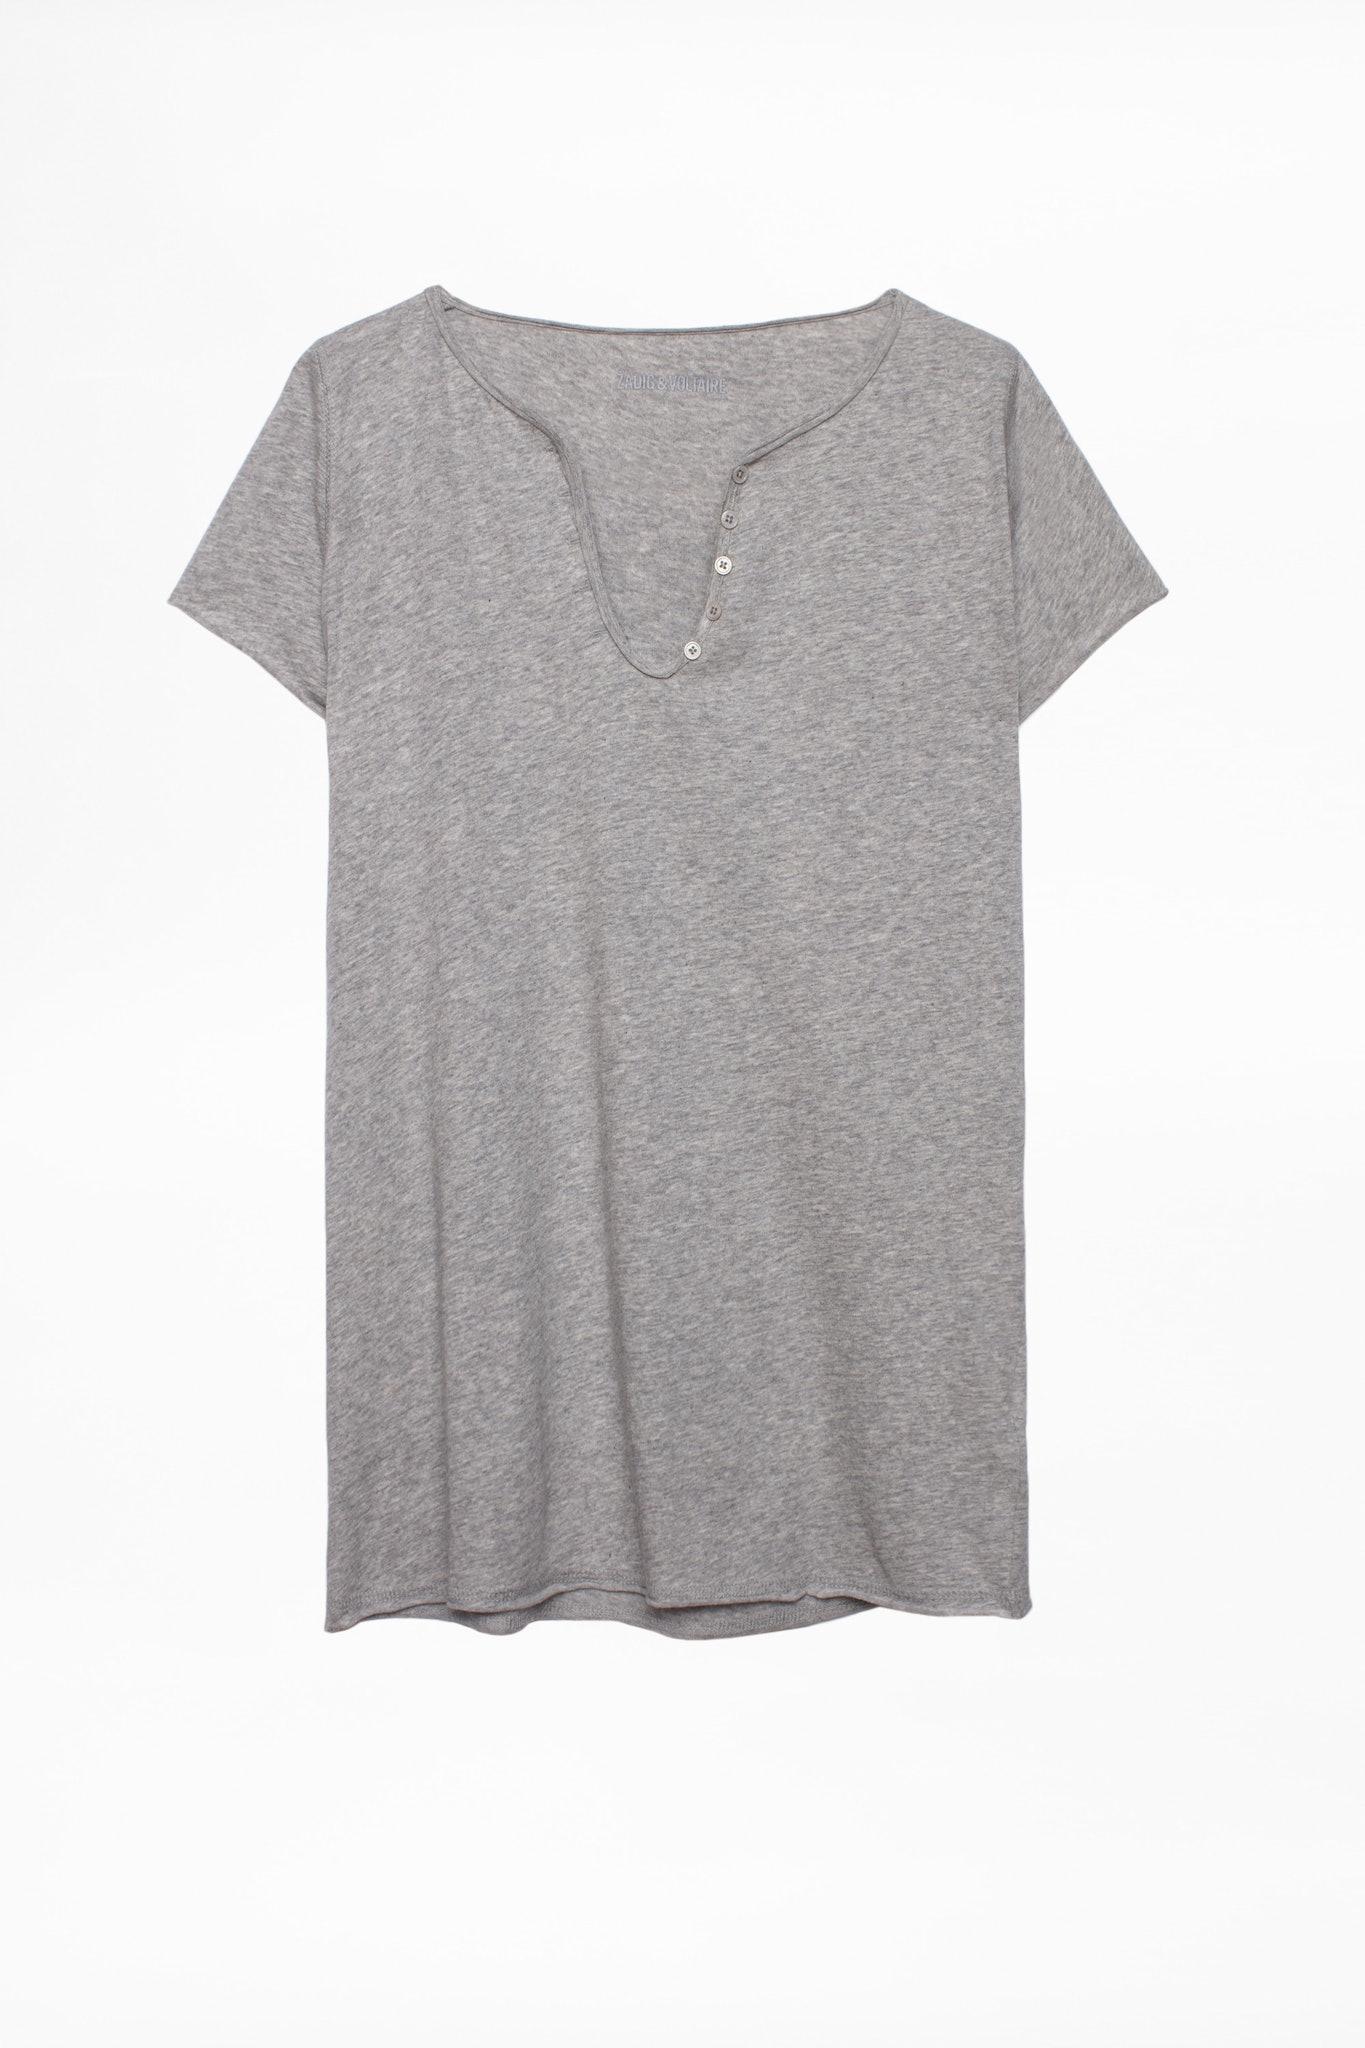 Strass Leo Tunisian Collar T-shirt